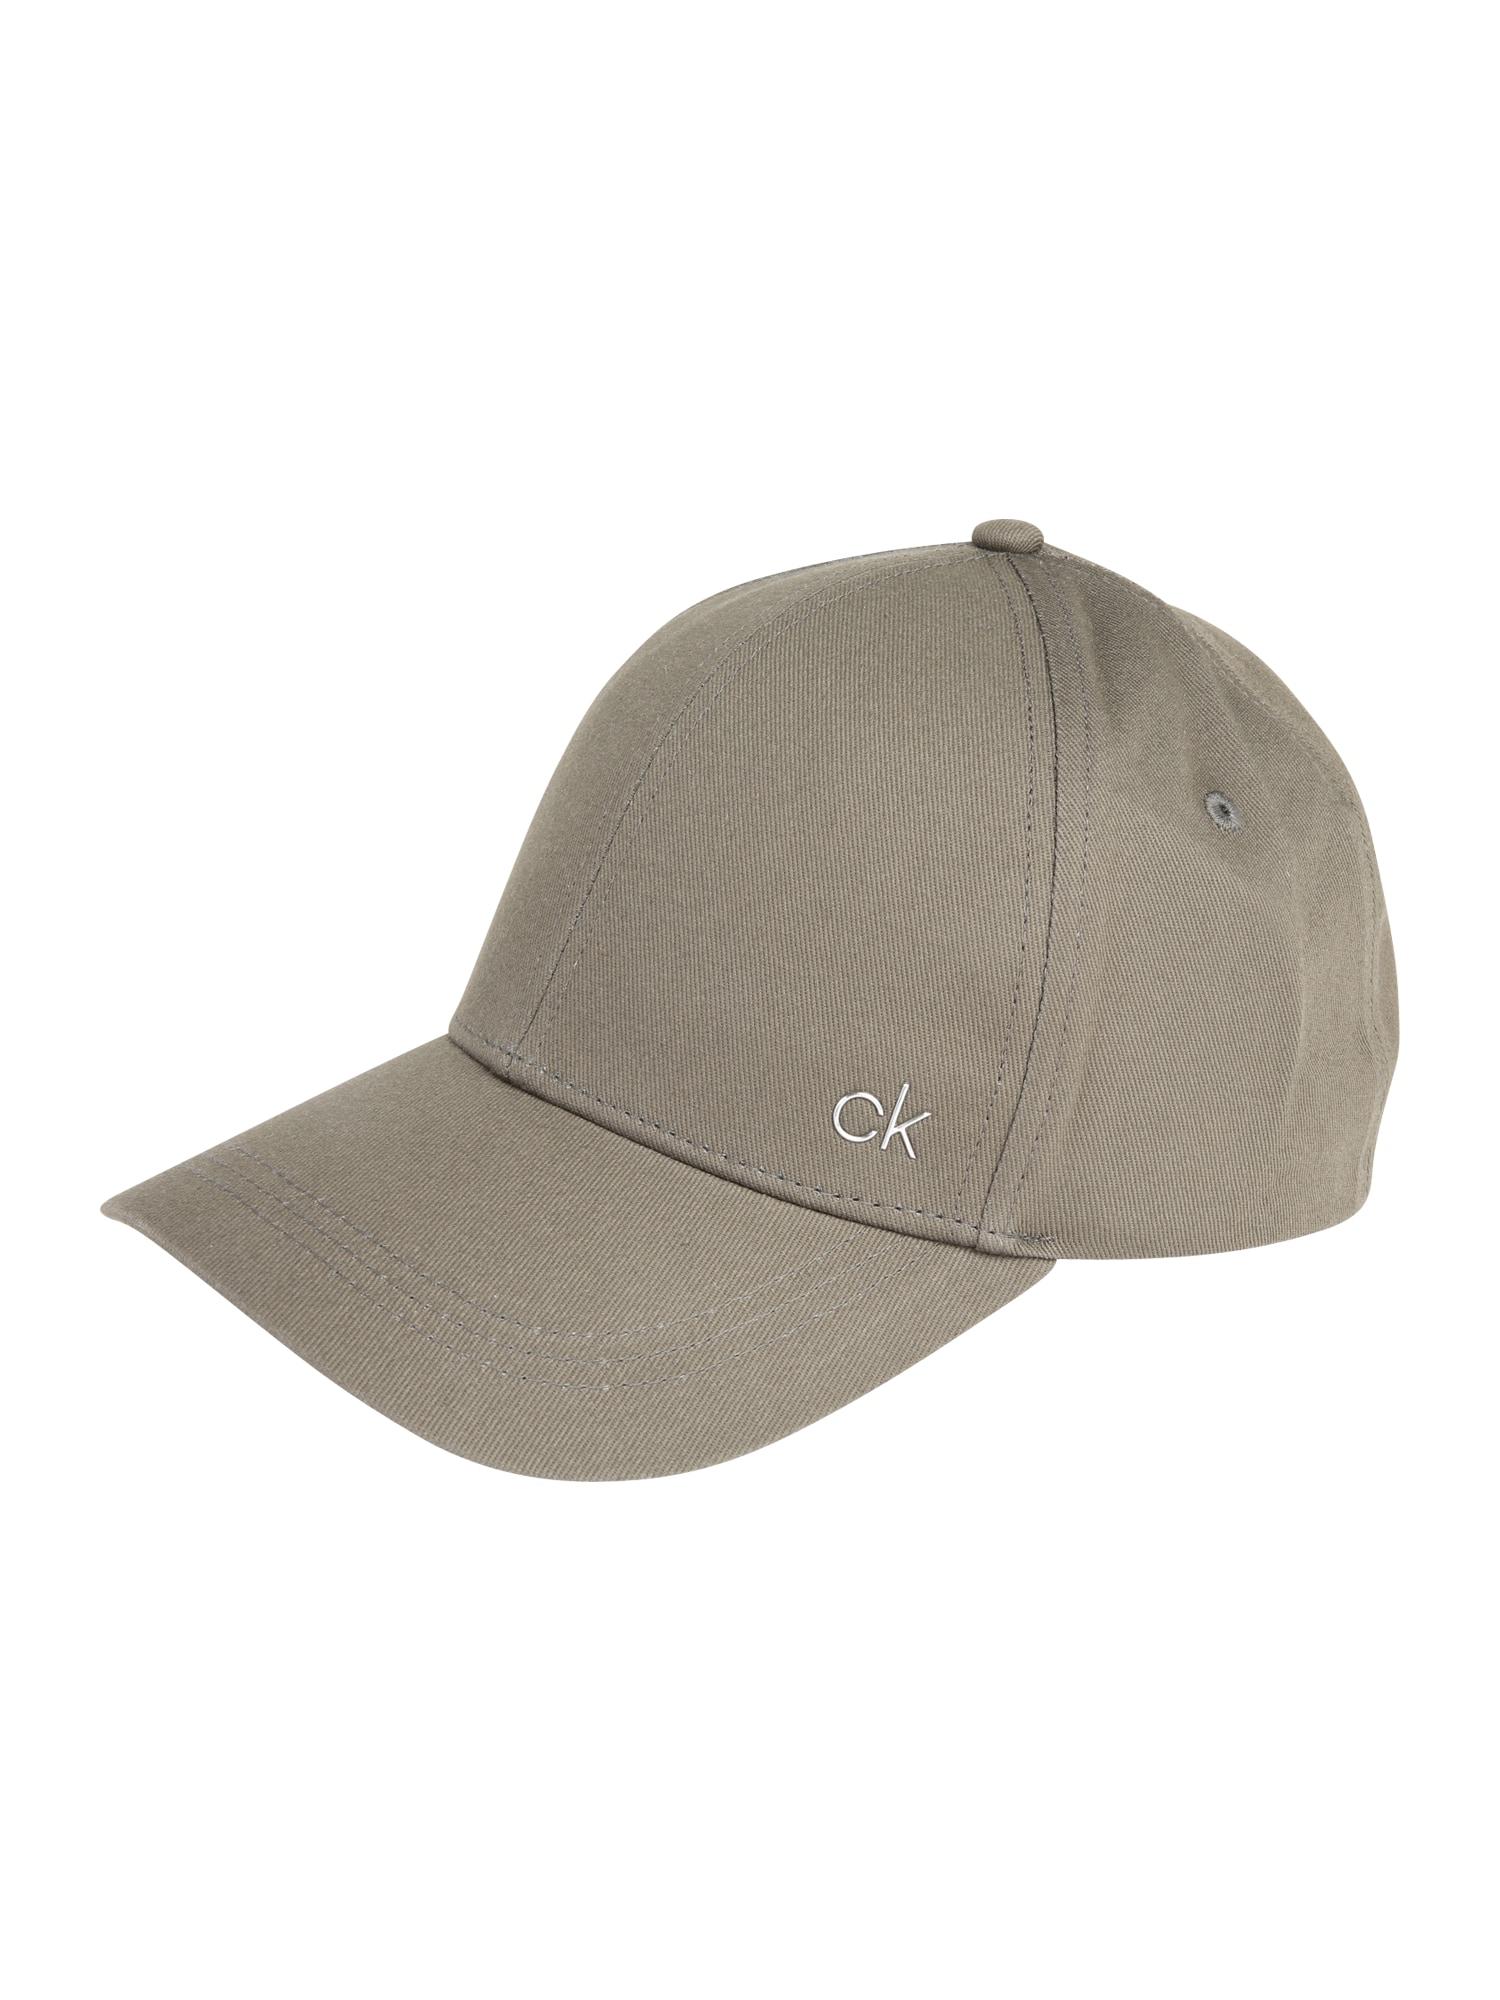 Kšiltovka CK METAL CAP zelená Calvin Klein